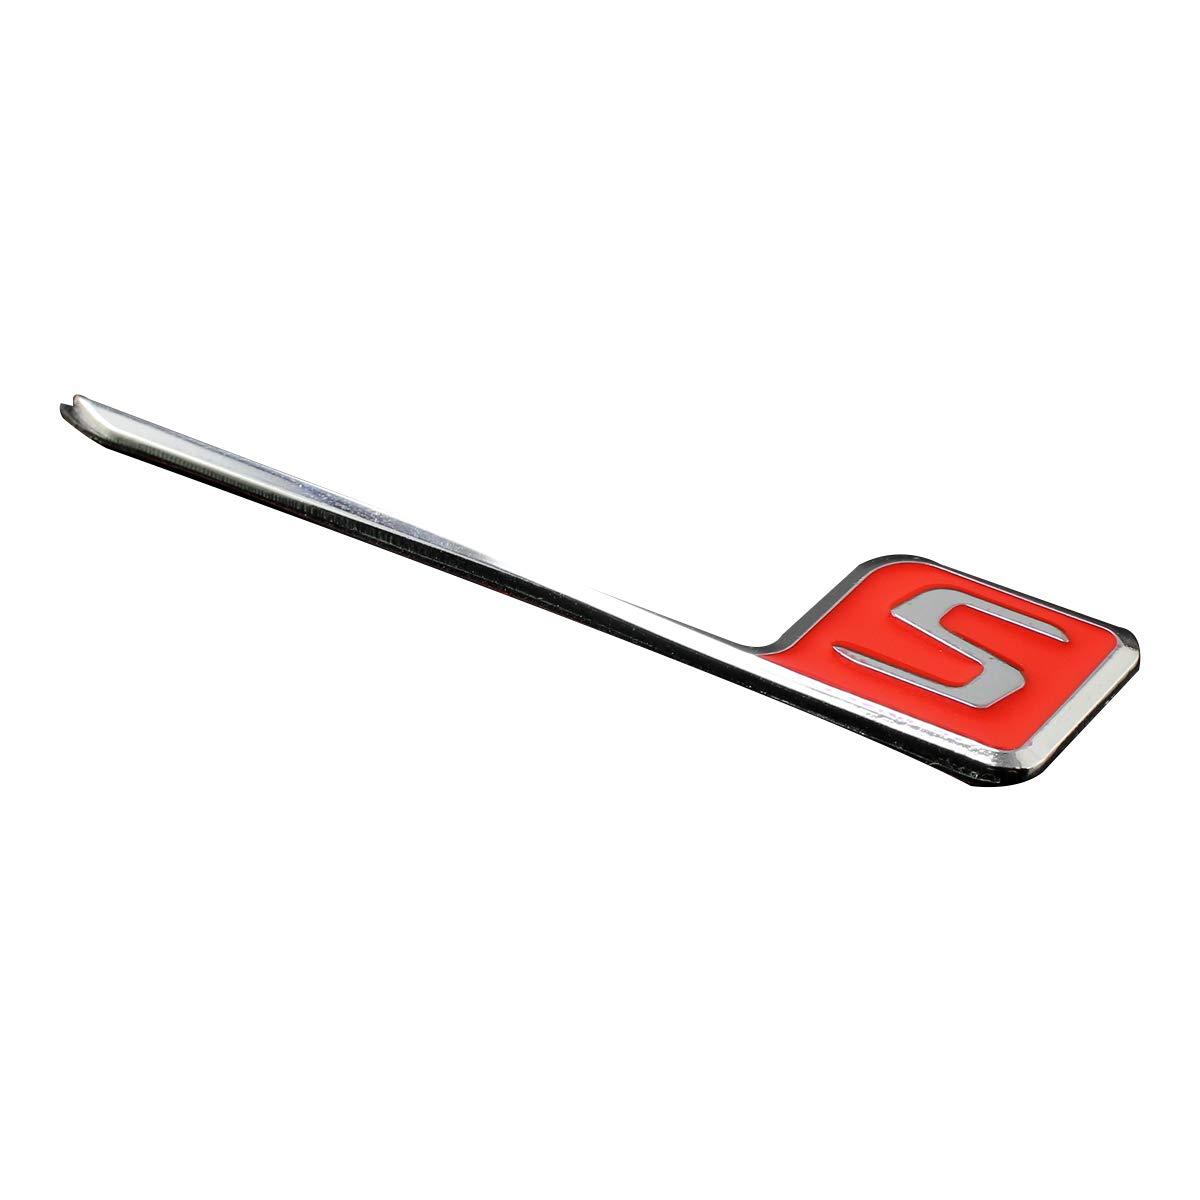 Xotic Tech S Logo Sticker Car Side Fender Rear Trunk Lid Metal Aluminum Emblem Badge for Mercedes Benz AMG GT S63 SLK350 E63 CLS63 1pcs Red Xotic Tech Direct Car Emblem